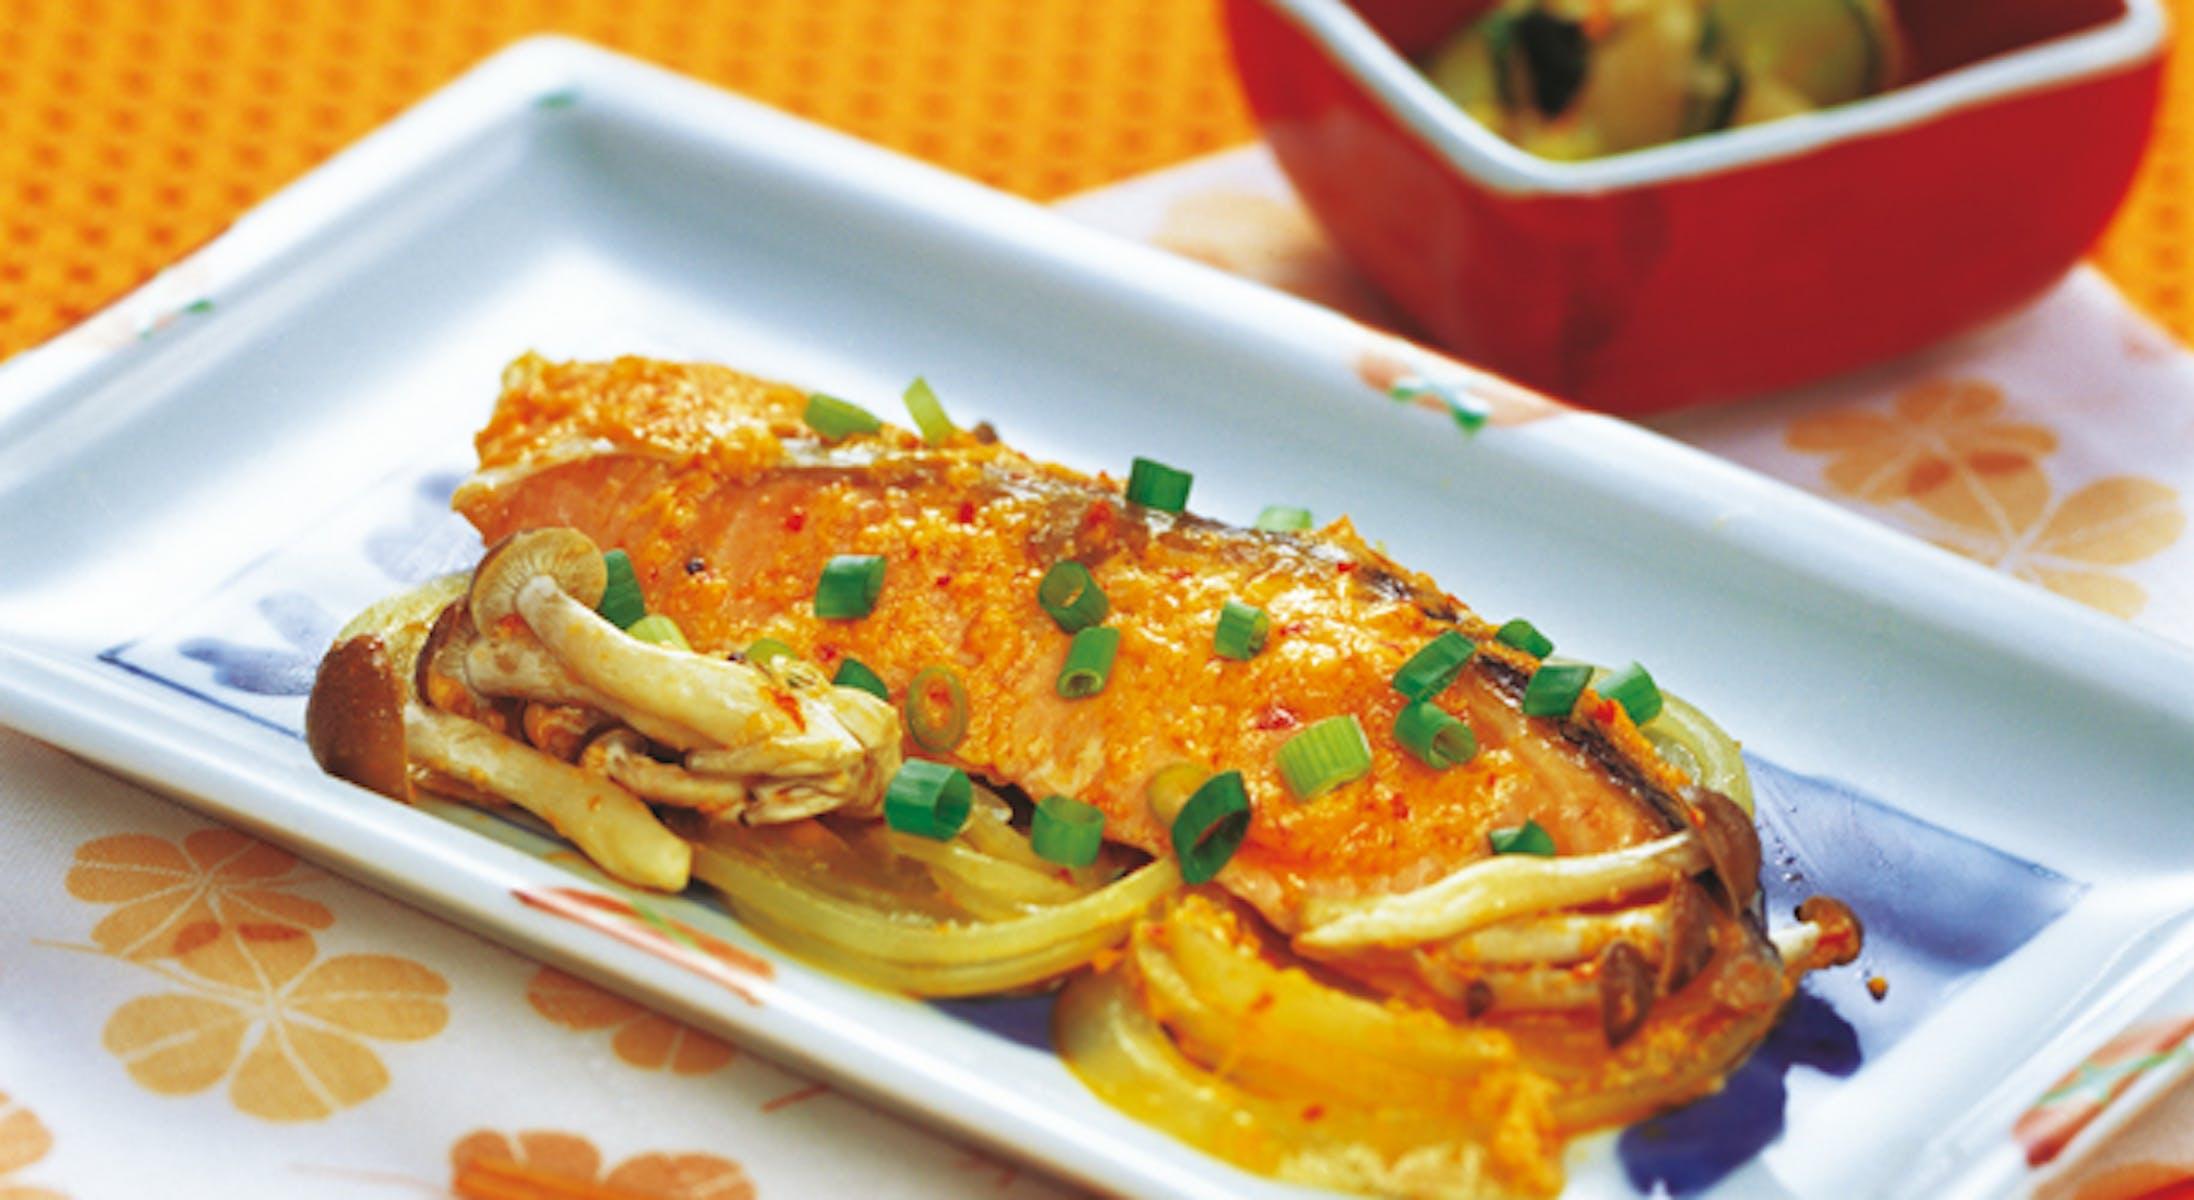 鮭の簡単ピリ辛マヨネーズ焼き